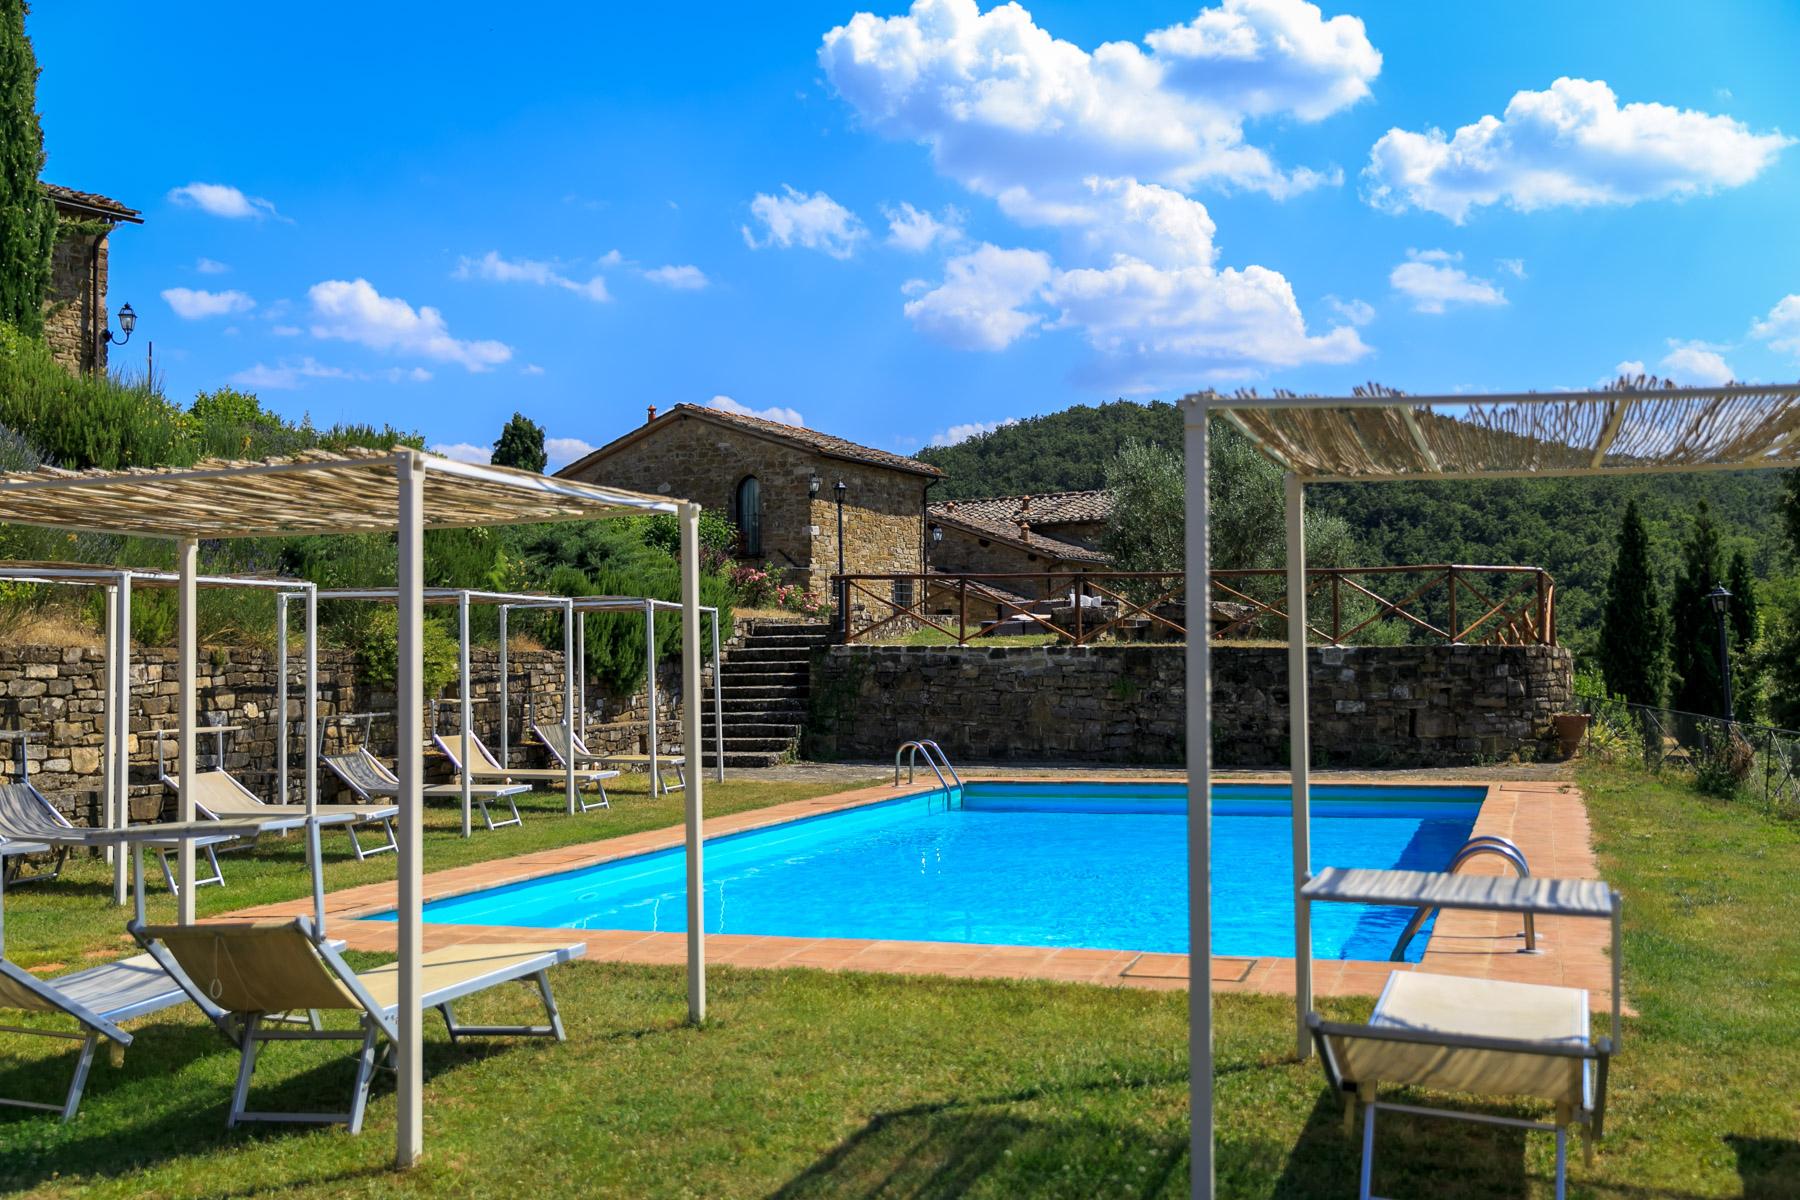 Rustico in Vendita a Greve In Chianti: 5 locali, 650 mq - Foto 9